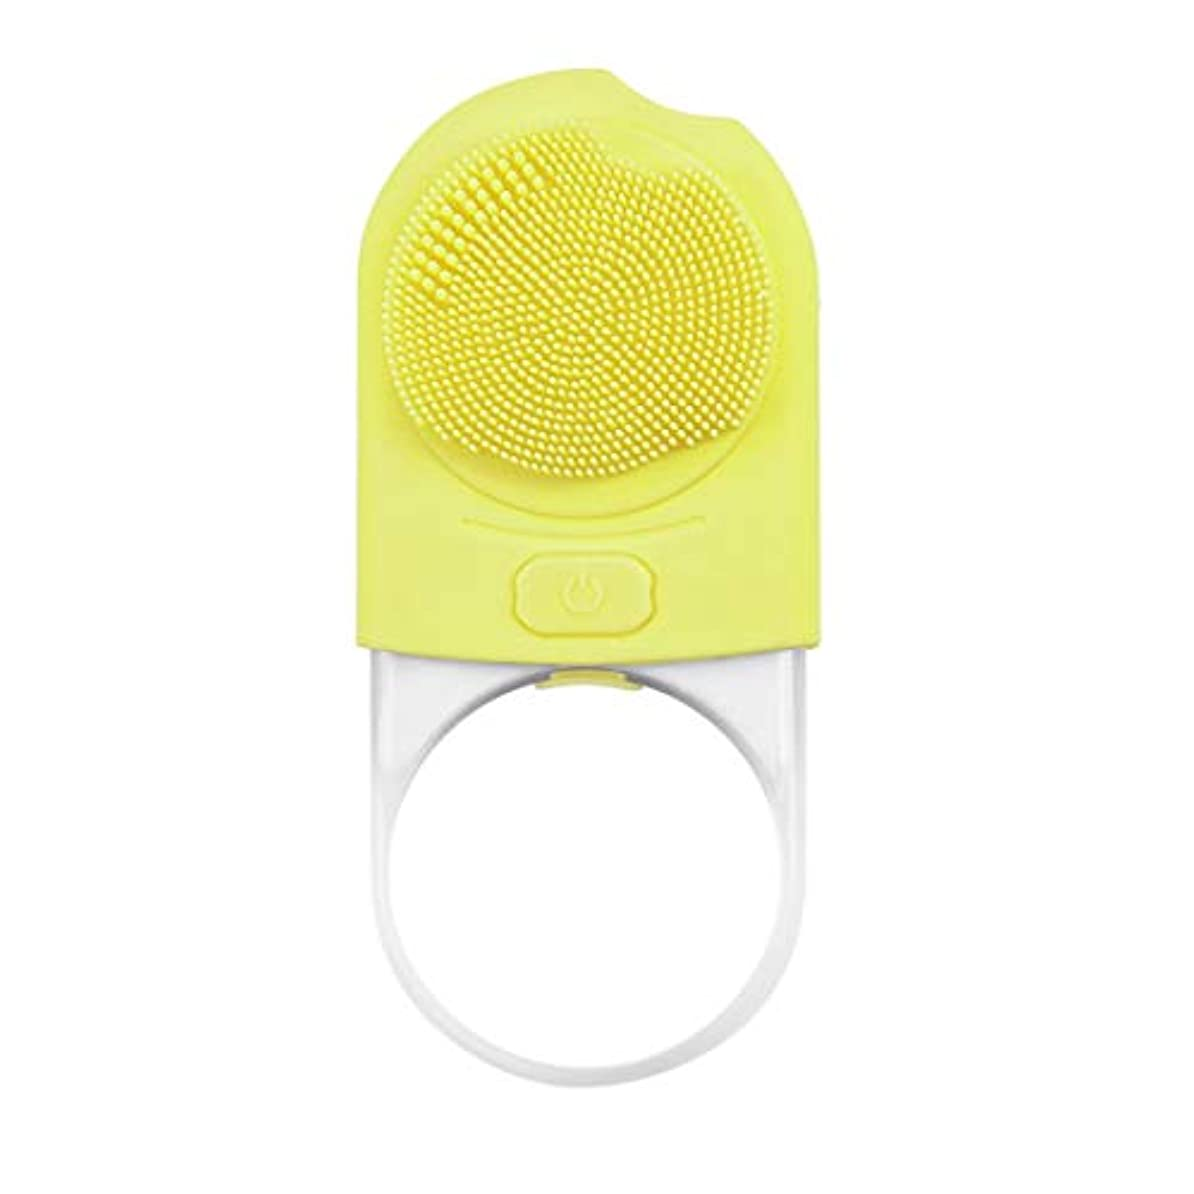 タイヤオーケストラ塊洗顔ブラシ、シリコーンクレンジング器、超音波振動洗濯機、熱マグネティクスの暖かくきれいな、きれいな毛穴、4速の調整 (Color : B)